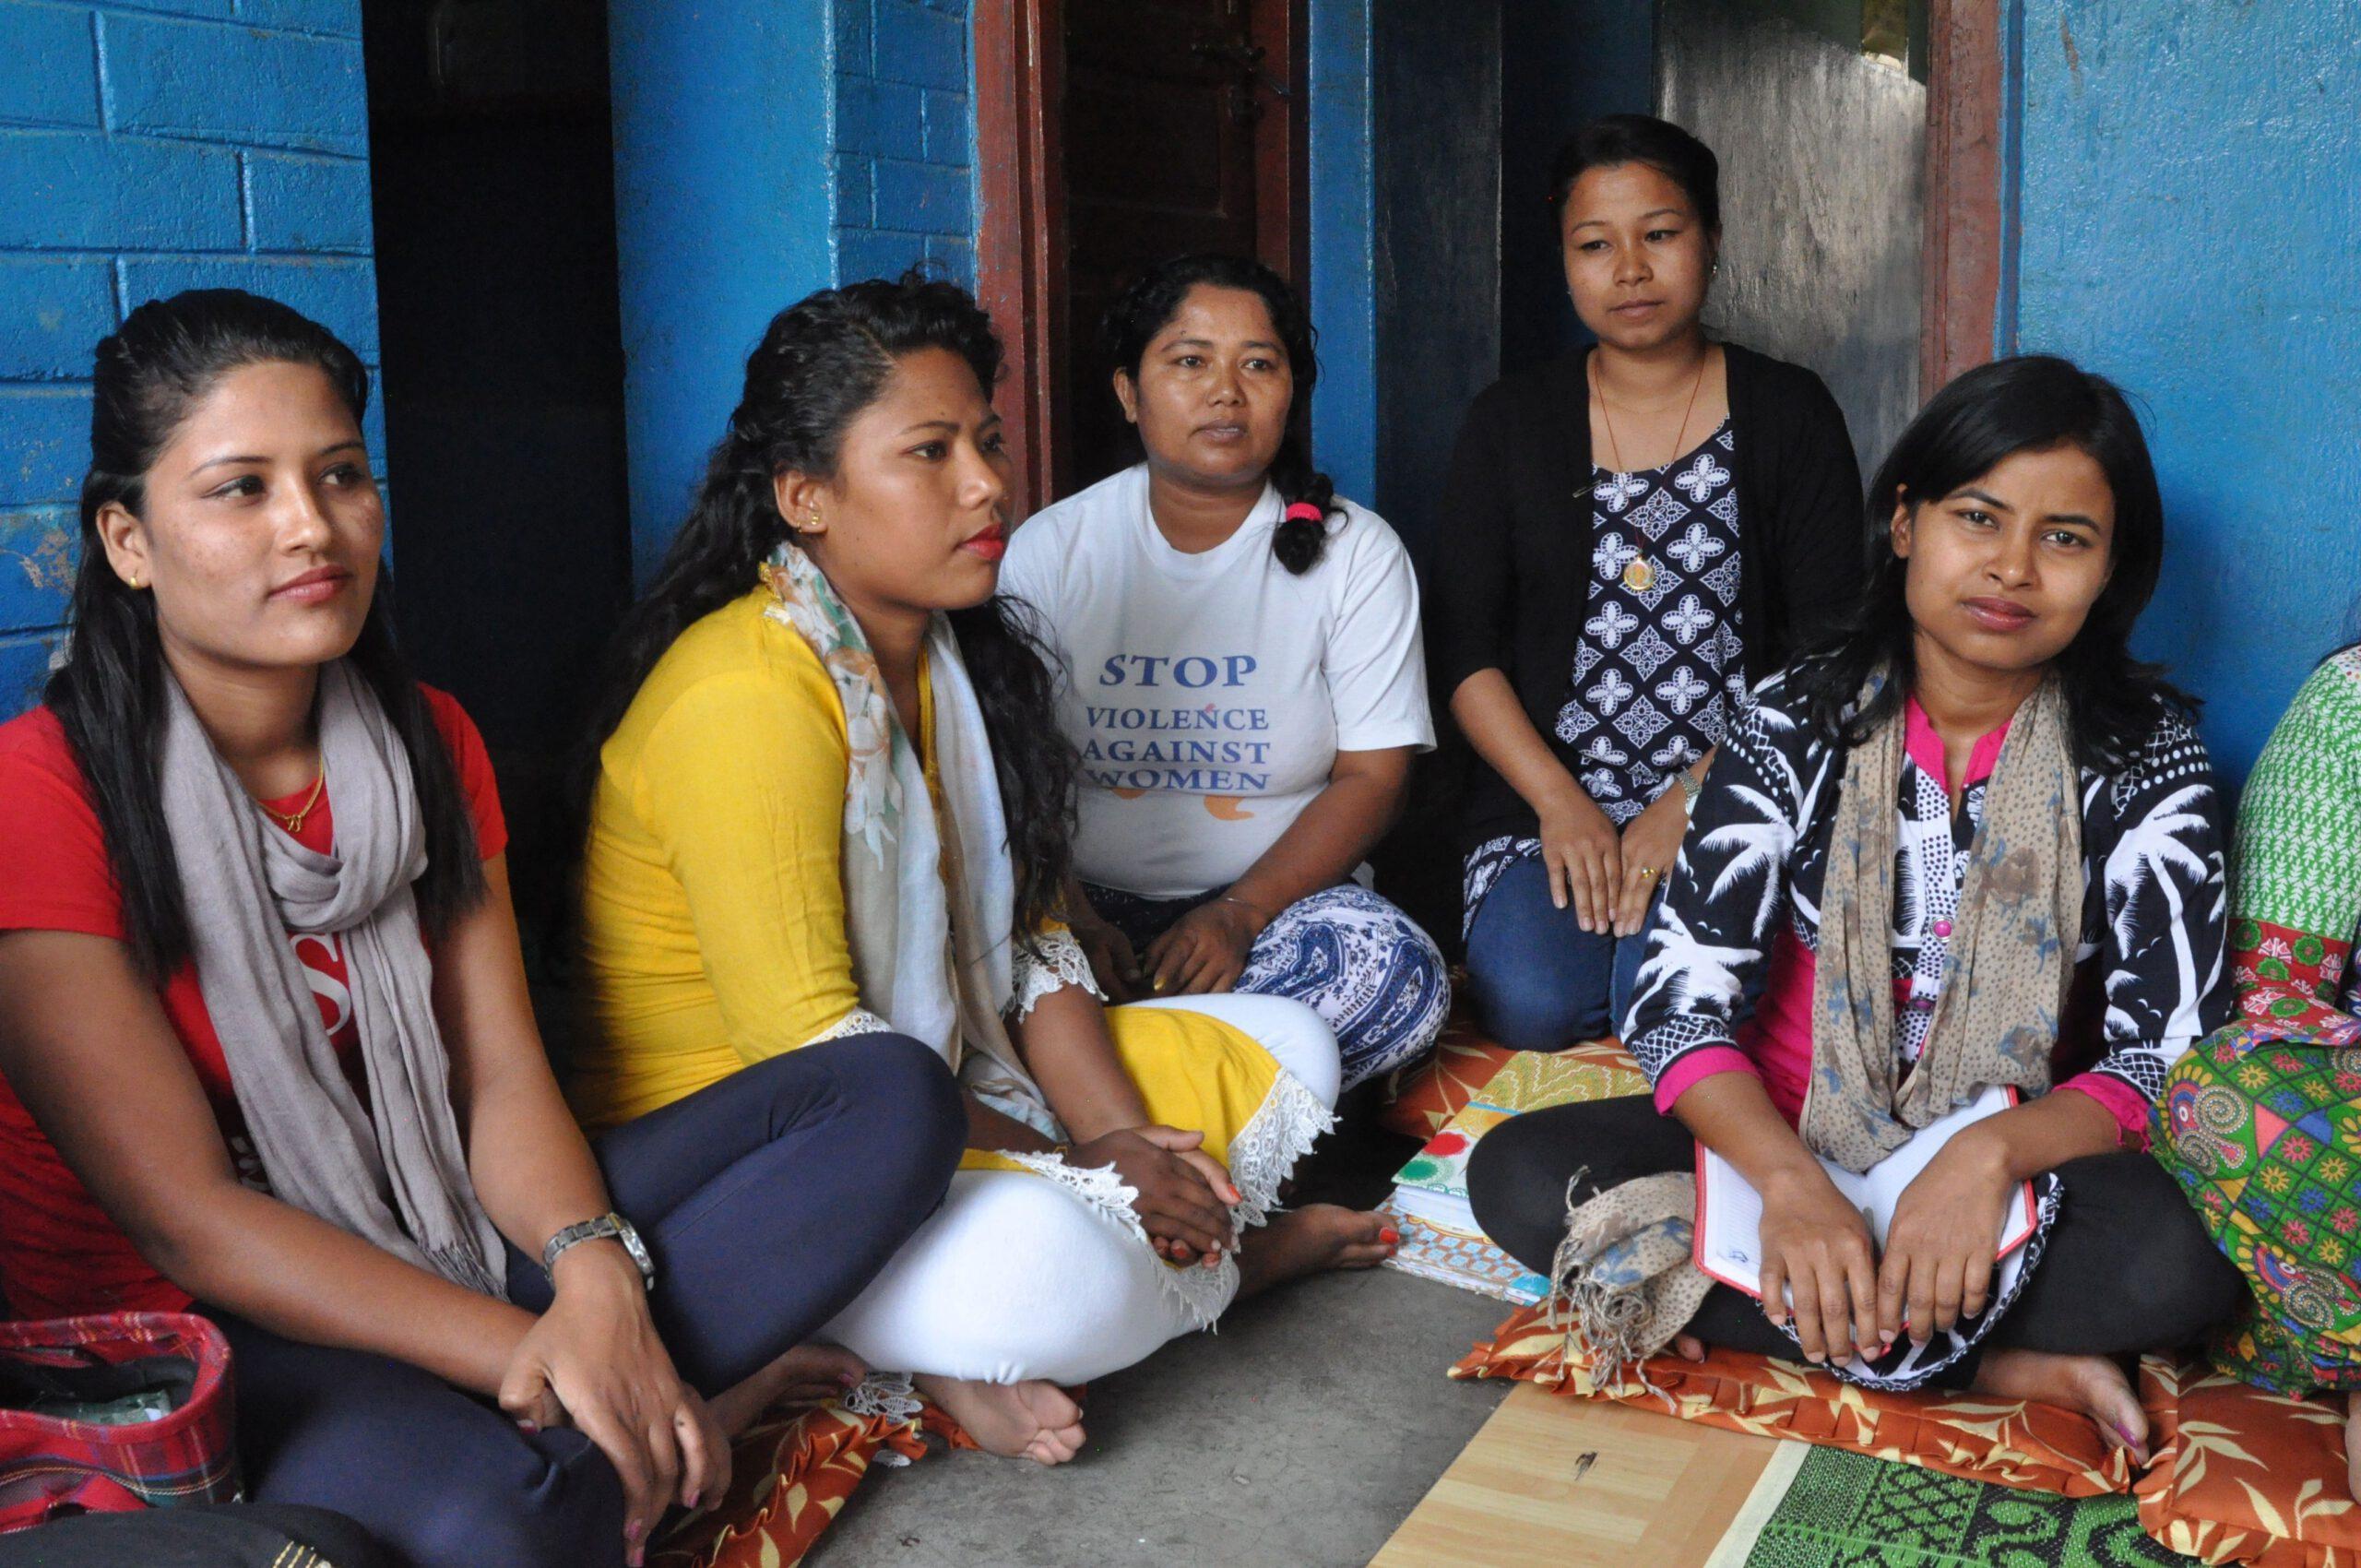 NPL100440_Zukunftsperspektiven_Plan International_Marc Tornow_Bild stammt aus einem ähnlichen Plan-Projekt in Nepal